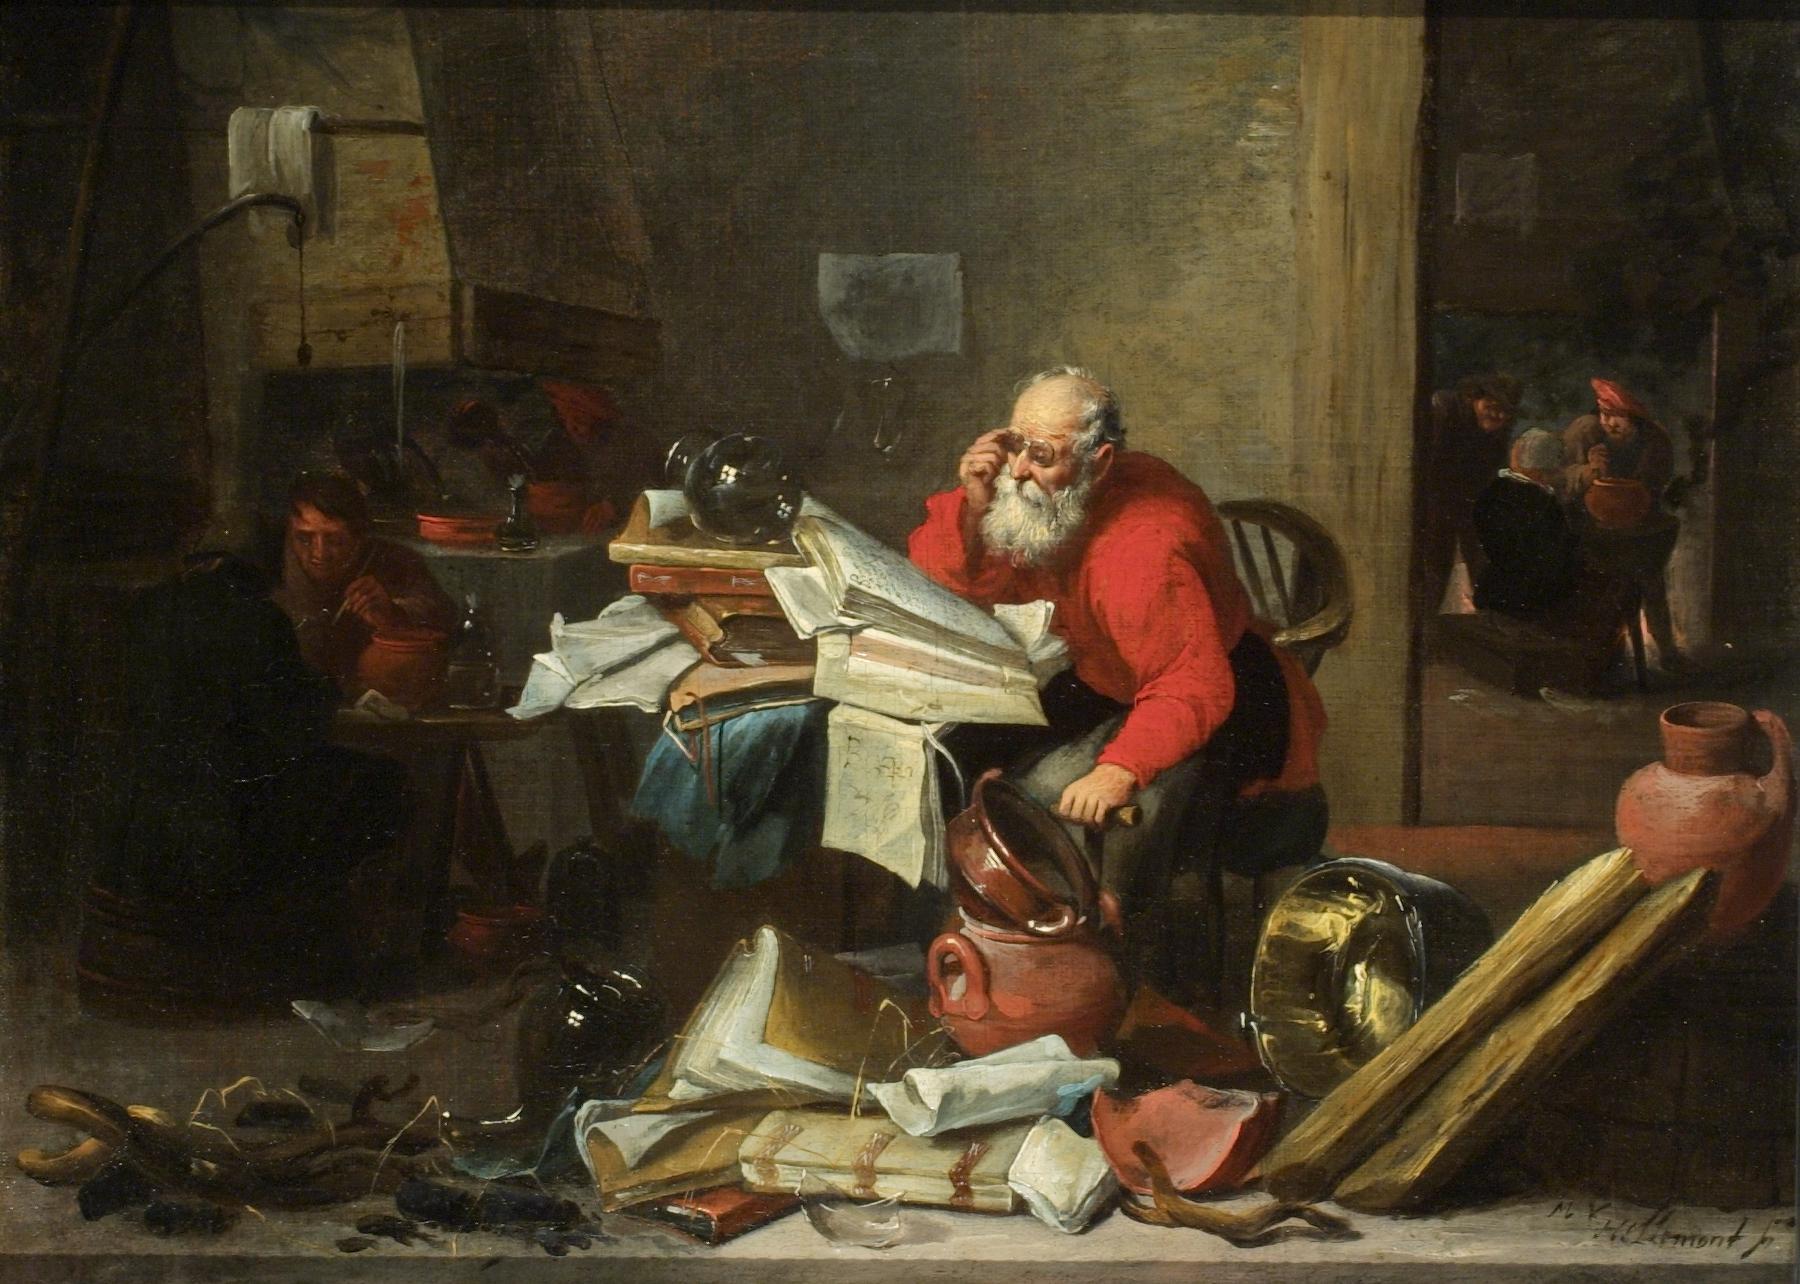 Mattheus_van_Hellemont_The_Alchemist